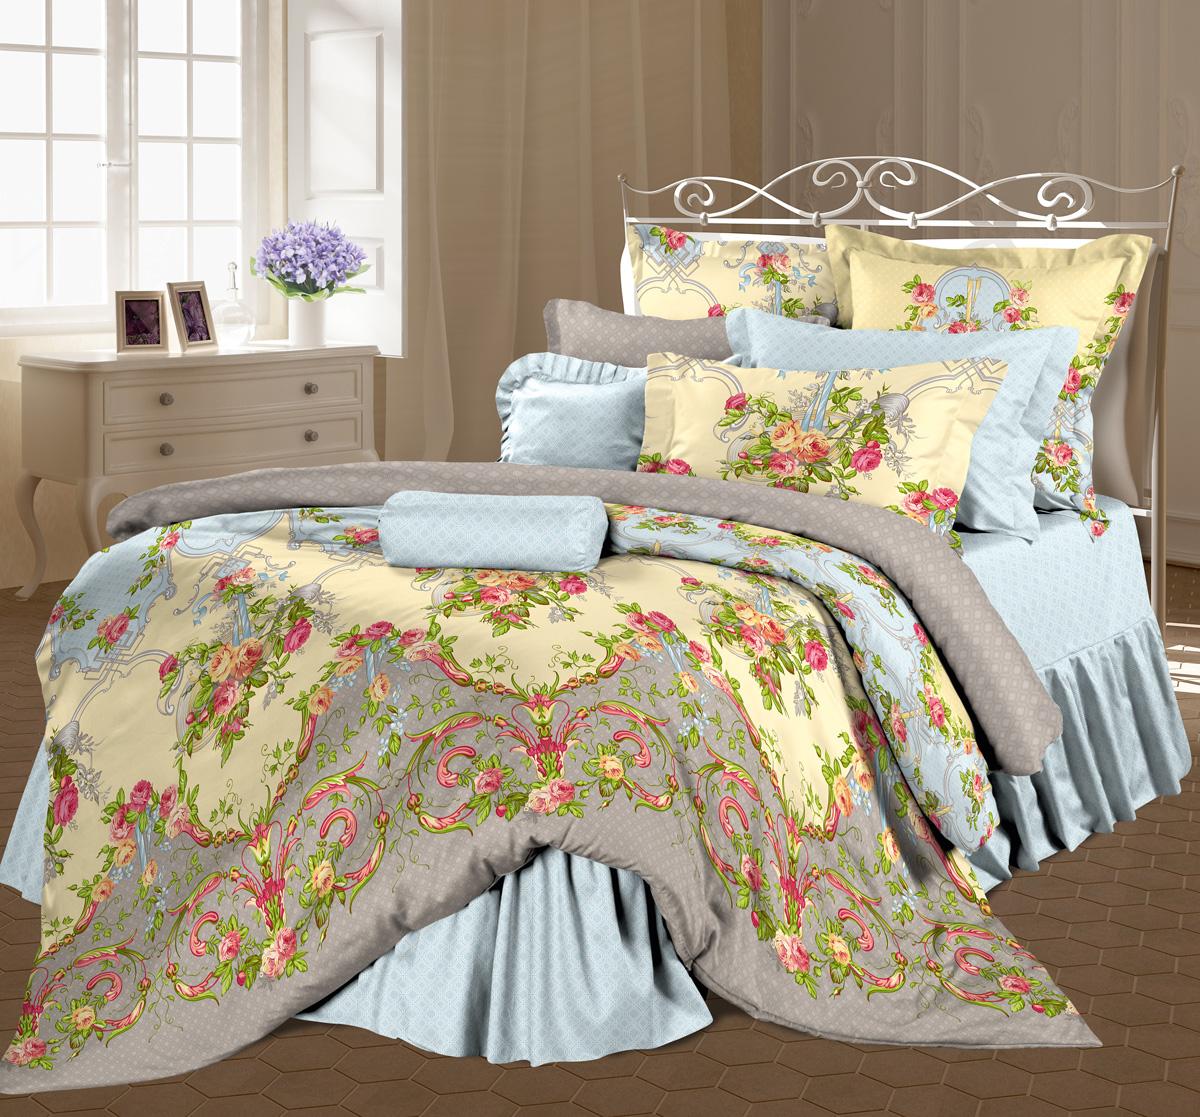 """Роскошный комплект постельного белья Романтика """"Антуанетта""""   выполнен из ткани   Lux Перкаль, произведенной из натурального 100% хлопка. Ткань   приятная на ощупь,   при этом она прочная, хорошо сохраняет форму и легко гладится.   Комплект состоит   из пододеяльника, простыни и двух наволочек, оформленных   цветочным принтом и   узорам. Благодаря такому комплекту постельного белья вы создадите   неповторимую и   романтическую атмосферу в вашей спальне.    Советы по выбору постельного белья от блогера Ирины Соковых. Статья OZON Гид"""